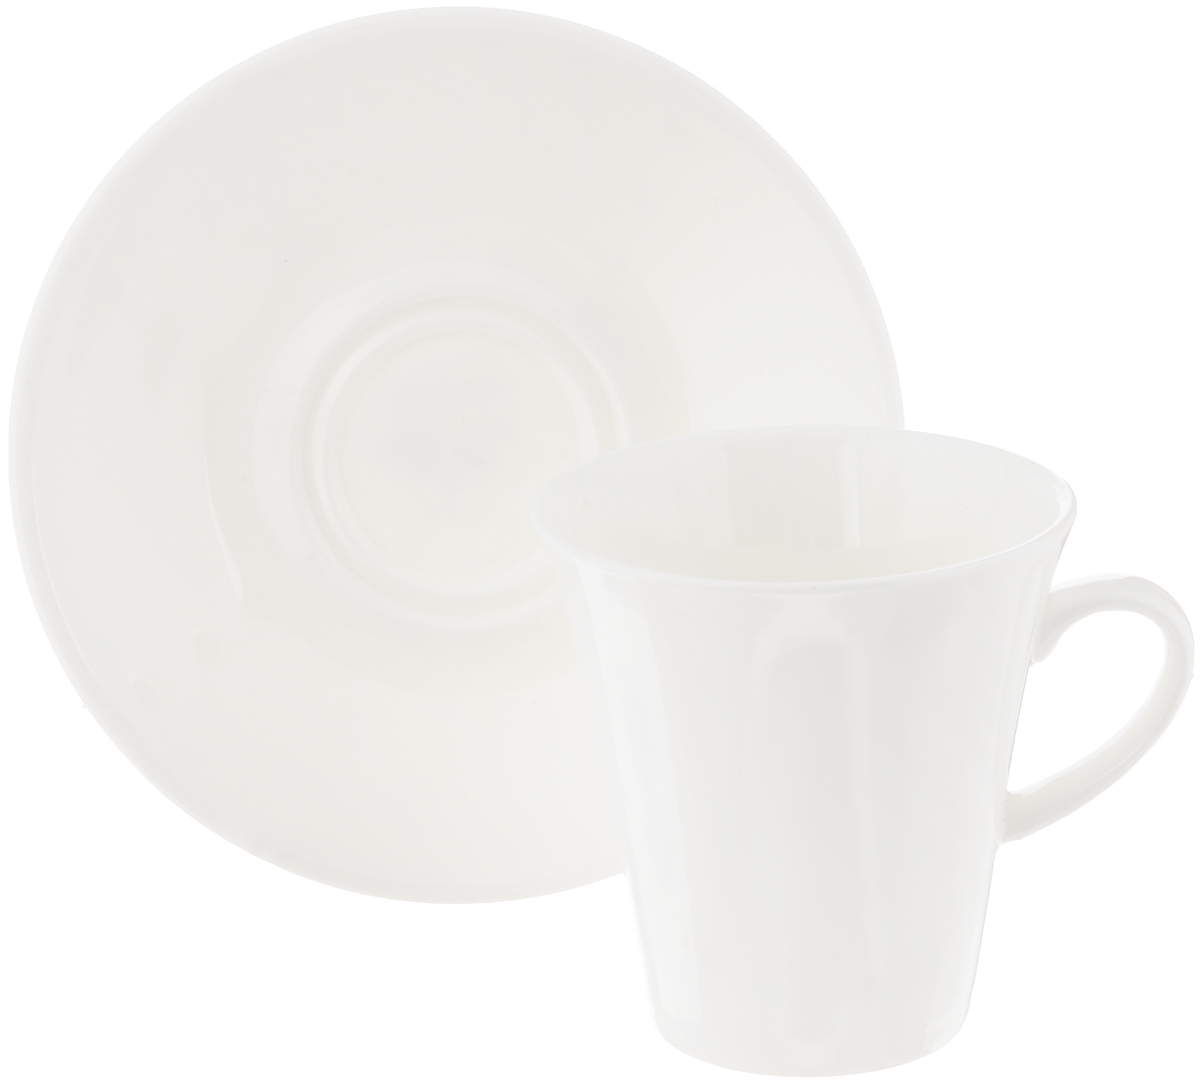 Кофейная пара Wilmax, 2 предмета. WL-993005 / AB кофейная пара era